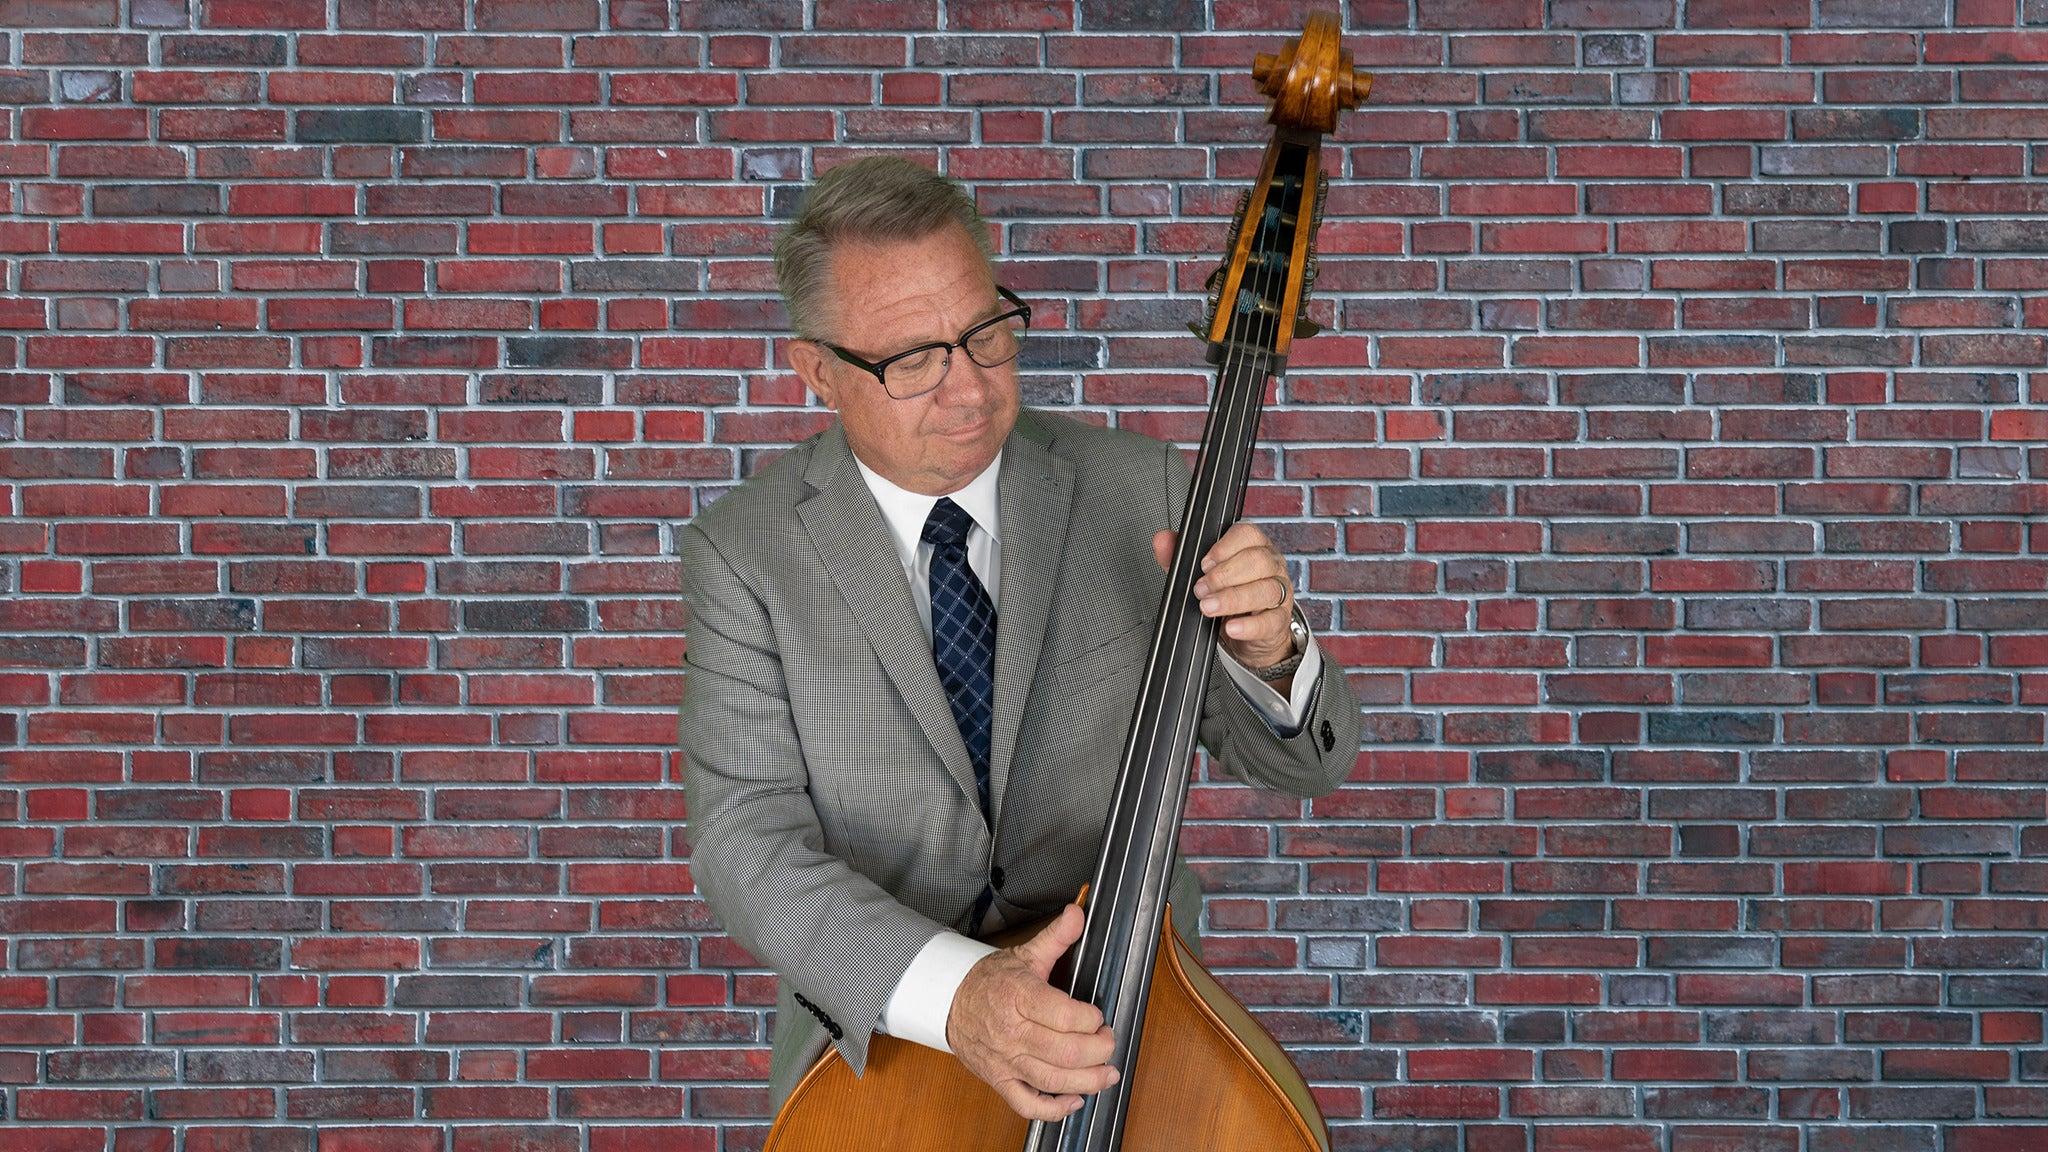 Mayor Wells & Friends In Concert